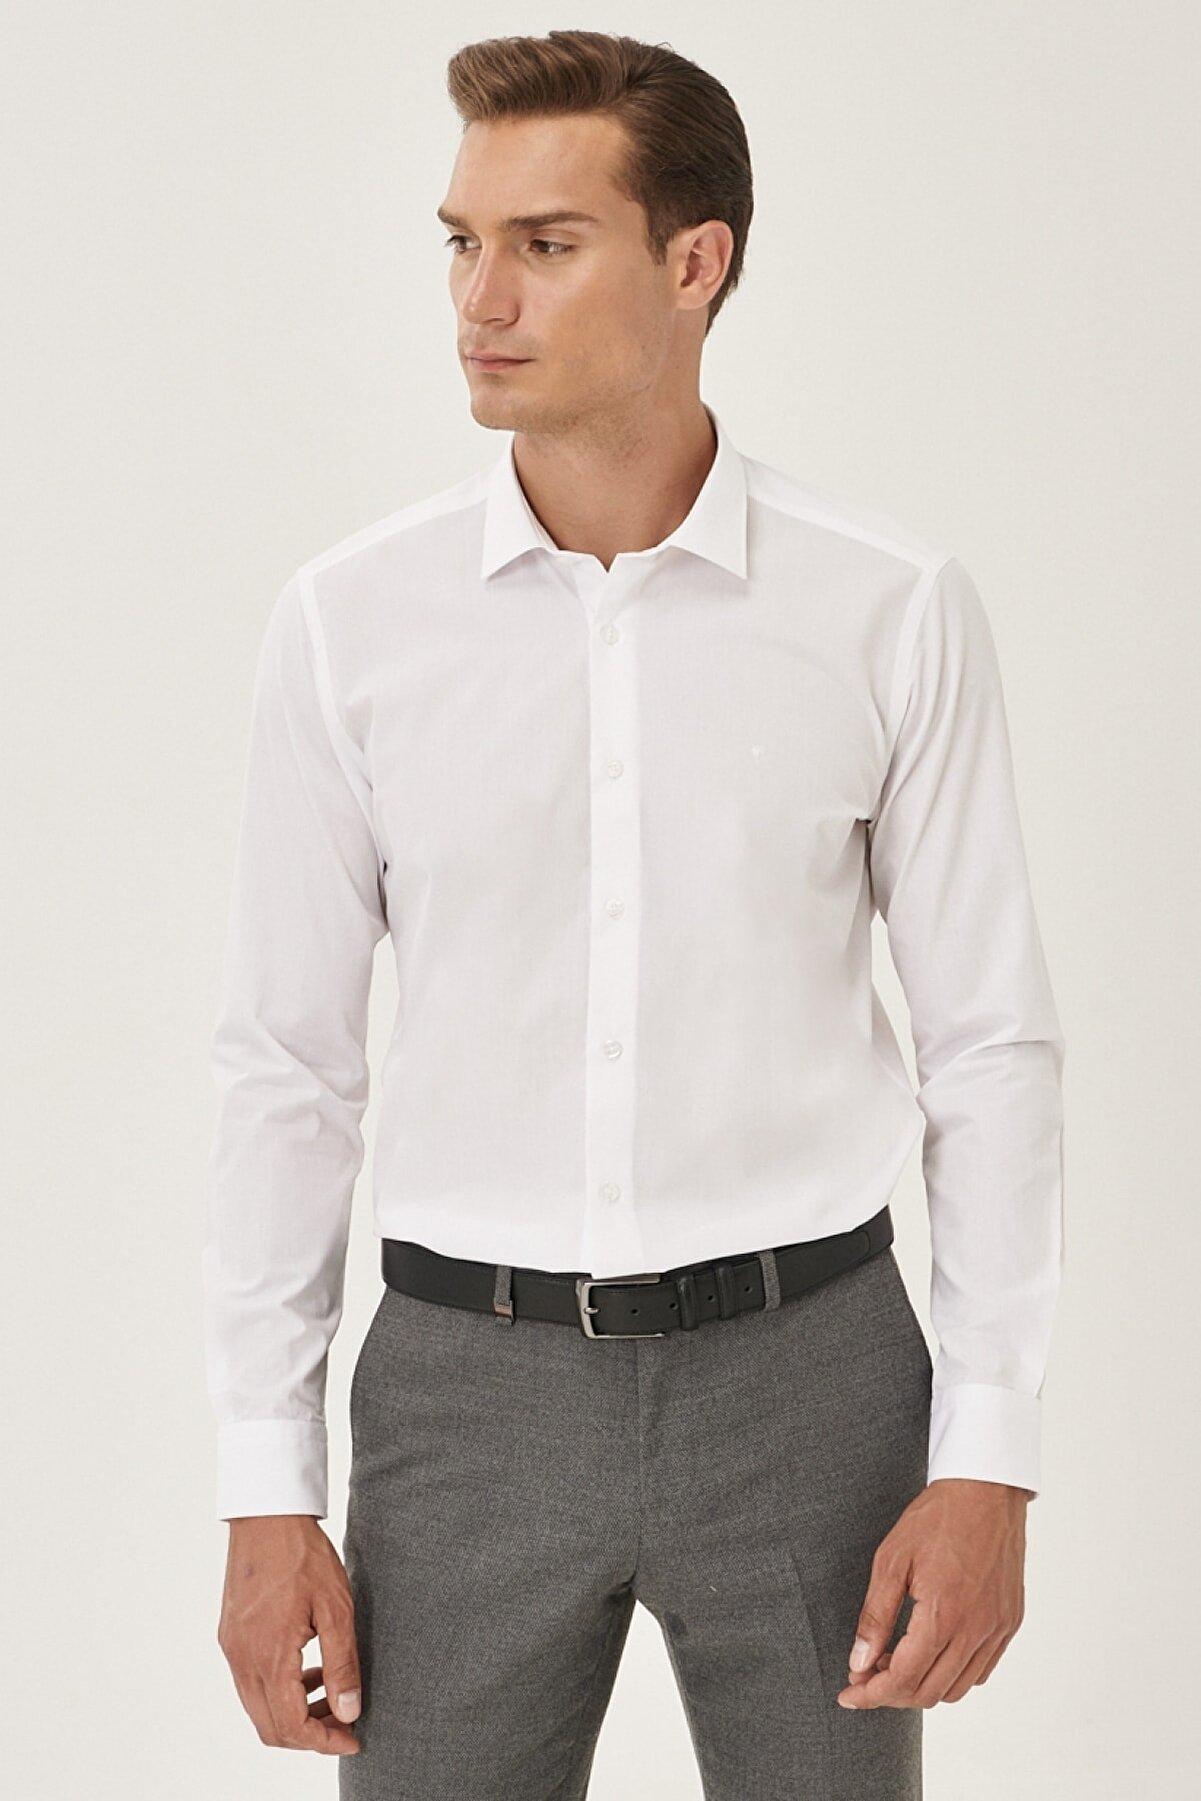 Altınyıldız Classics Erkek Beyaz Tailored Slim Fit Klasik Yaka Gömlek